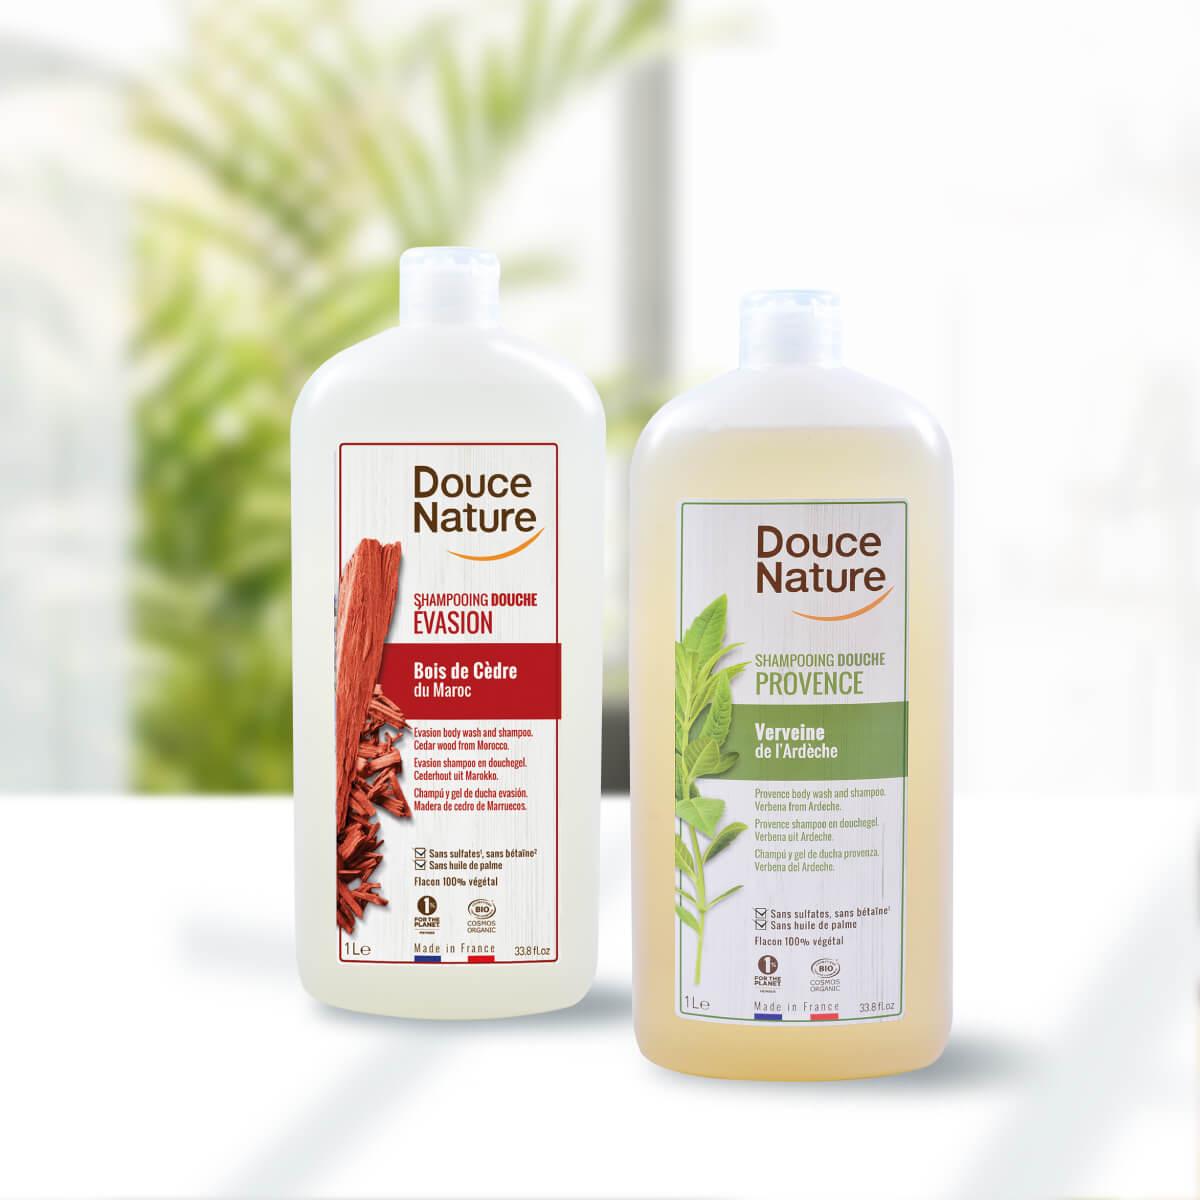 法國Douce Nature地恩個人洗沐用品,只要一瓶可洗去身上髒污與煩躁,精油成分可調理肌膚,其香氣洗沐時可幫助睡前情緒放鬆,提供您親肌且環保的洗沐用品。